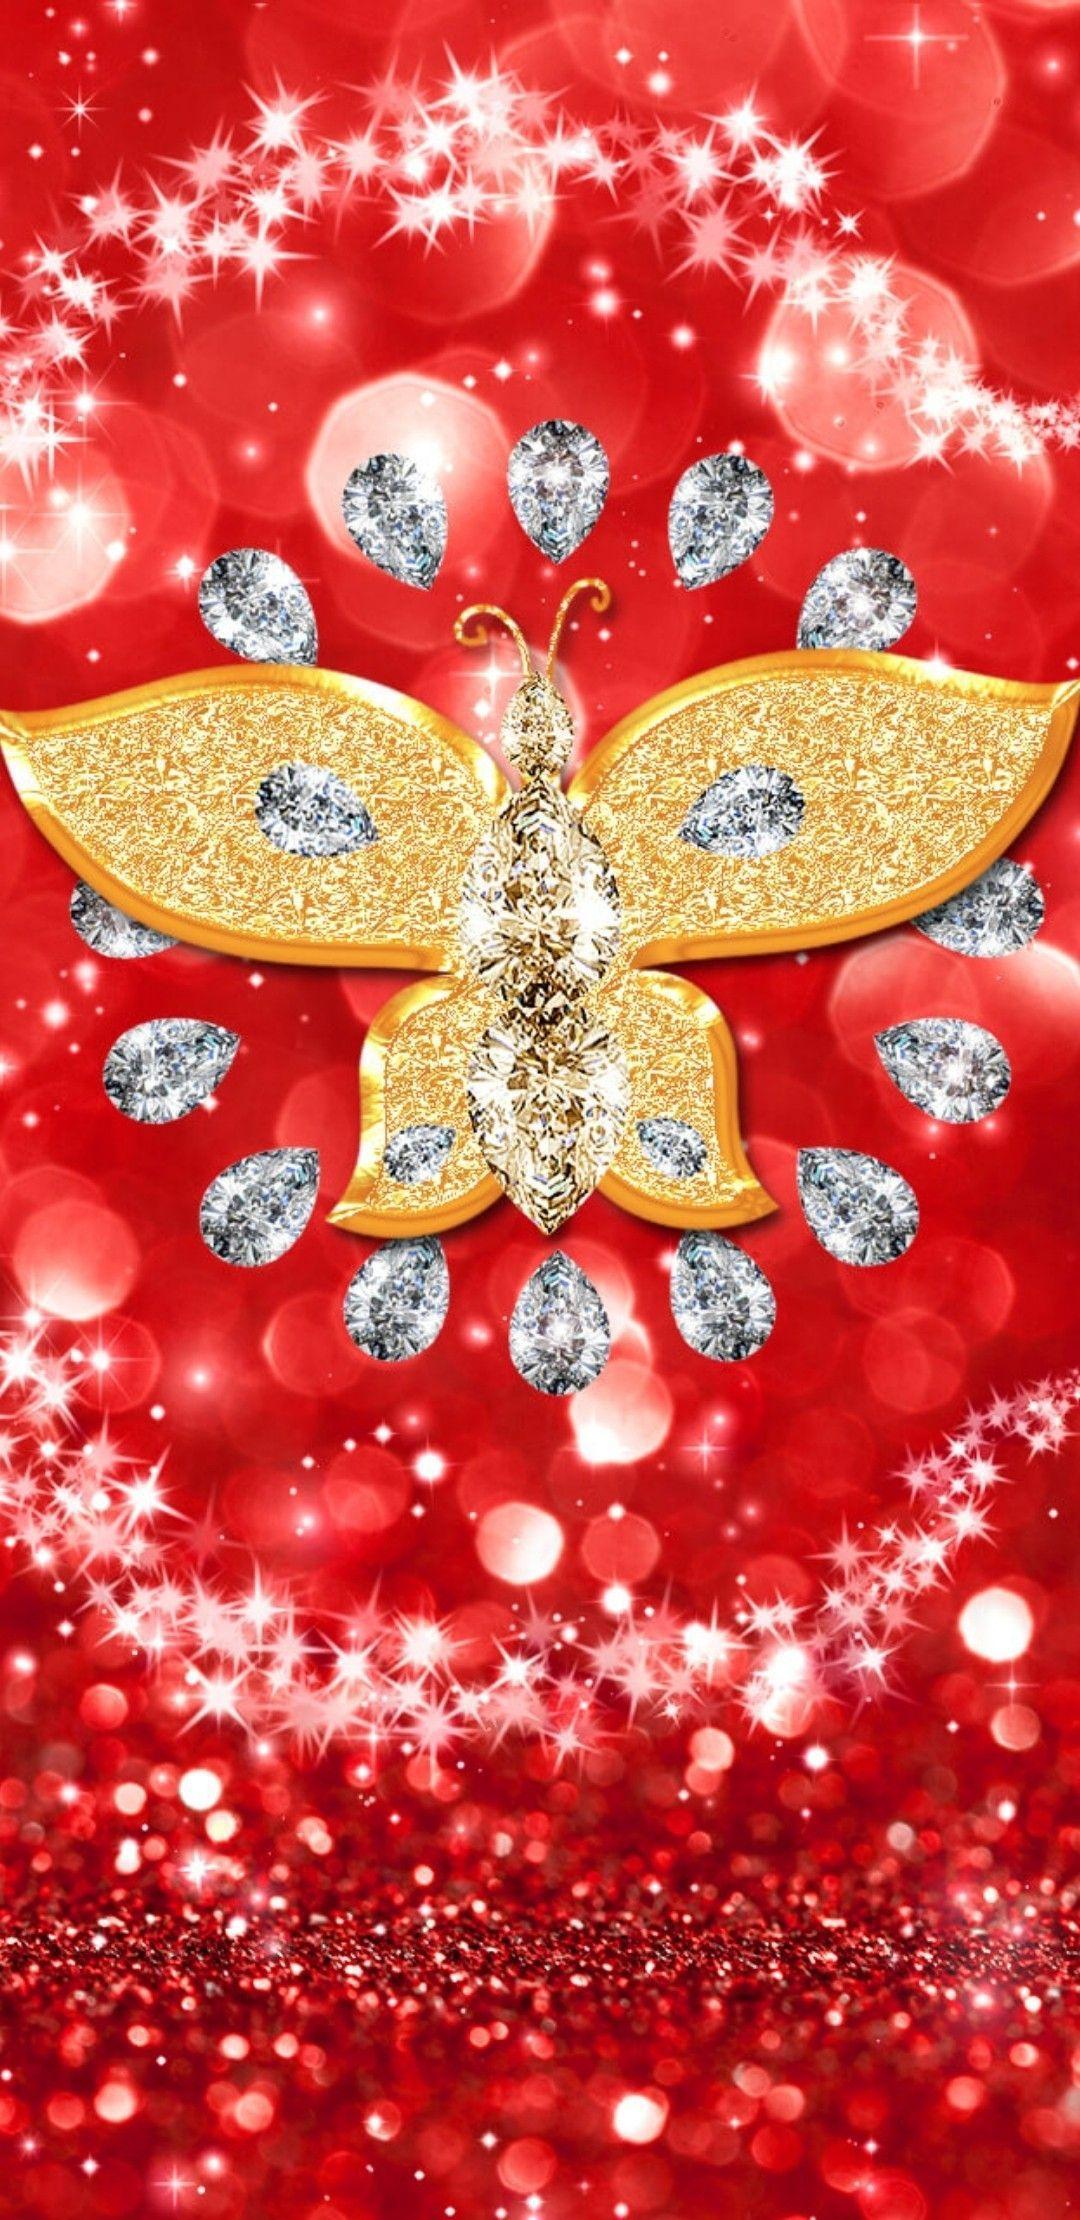 Картинки на телефон красивые четкие бриллианты и бабочки